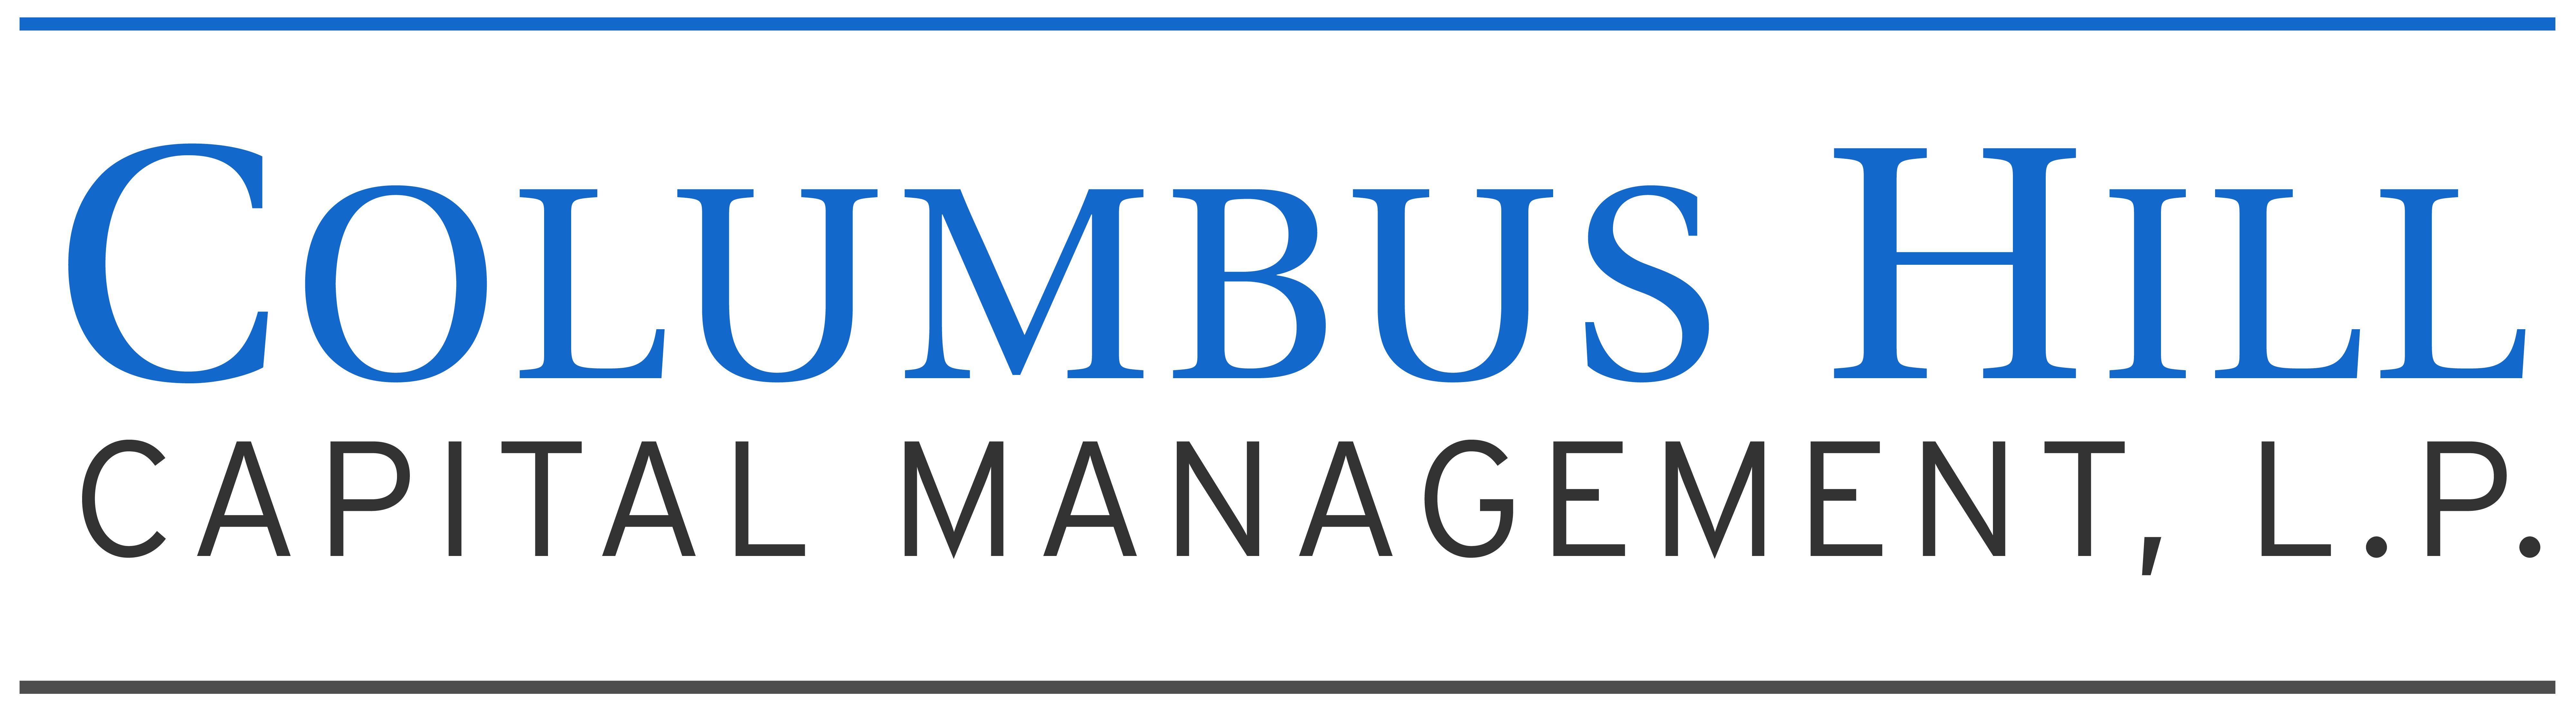 ColumbusHill_logo-01